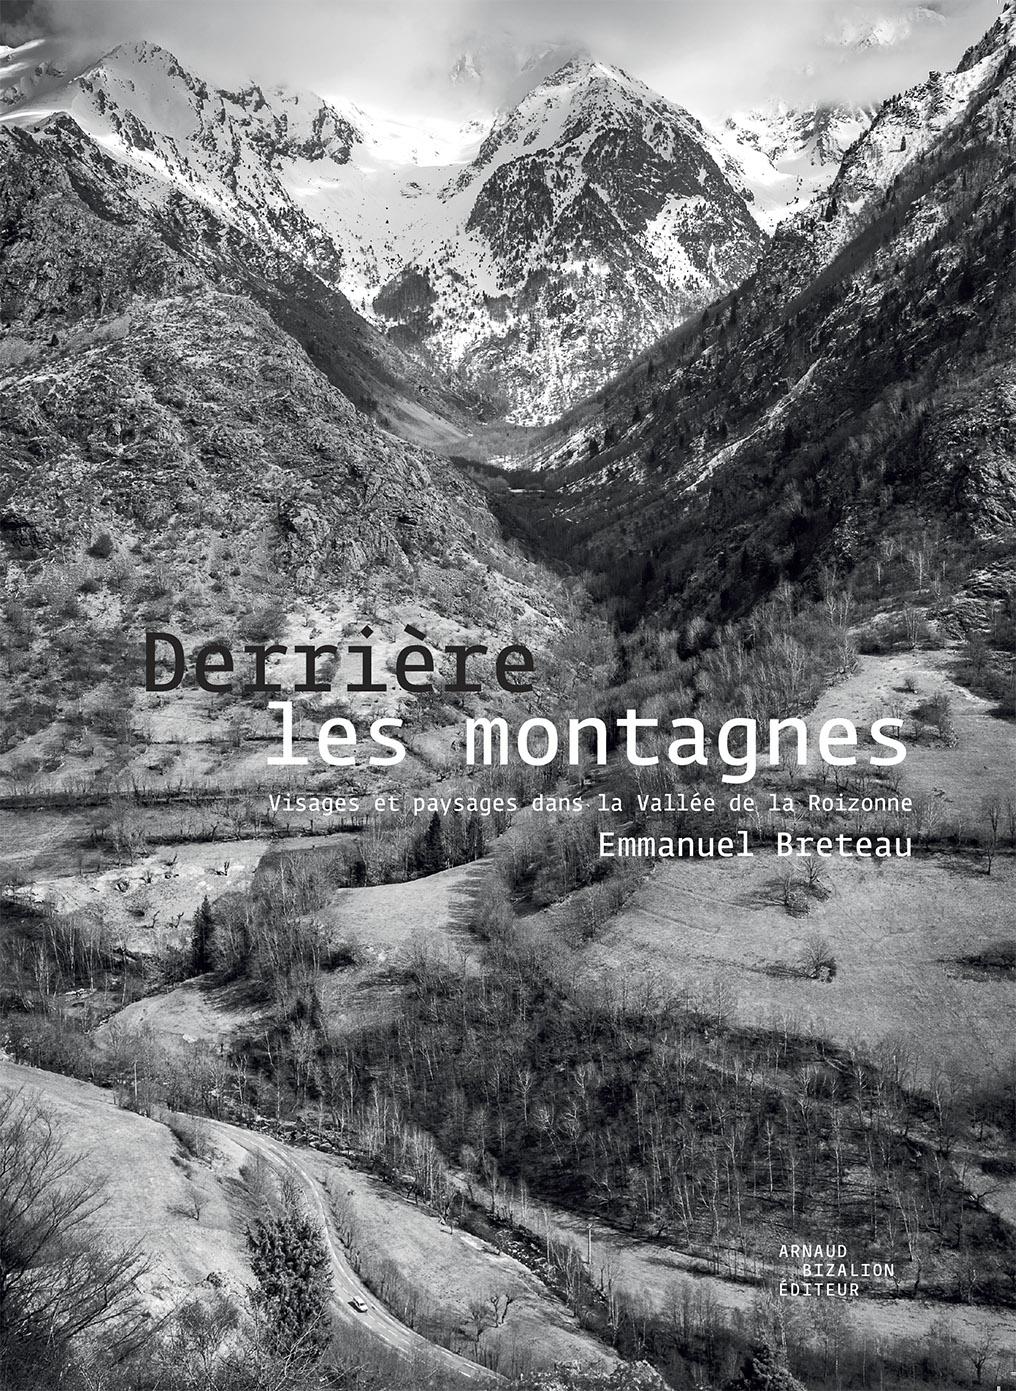 Derrière les montagnes (c) Emmanuel Breteau